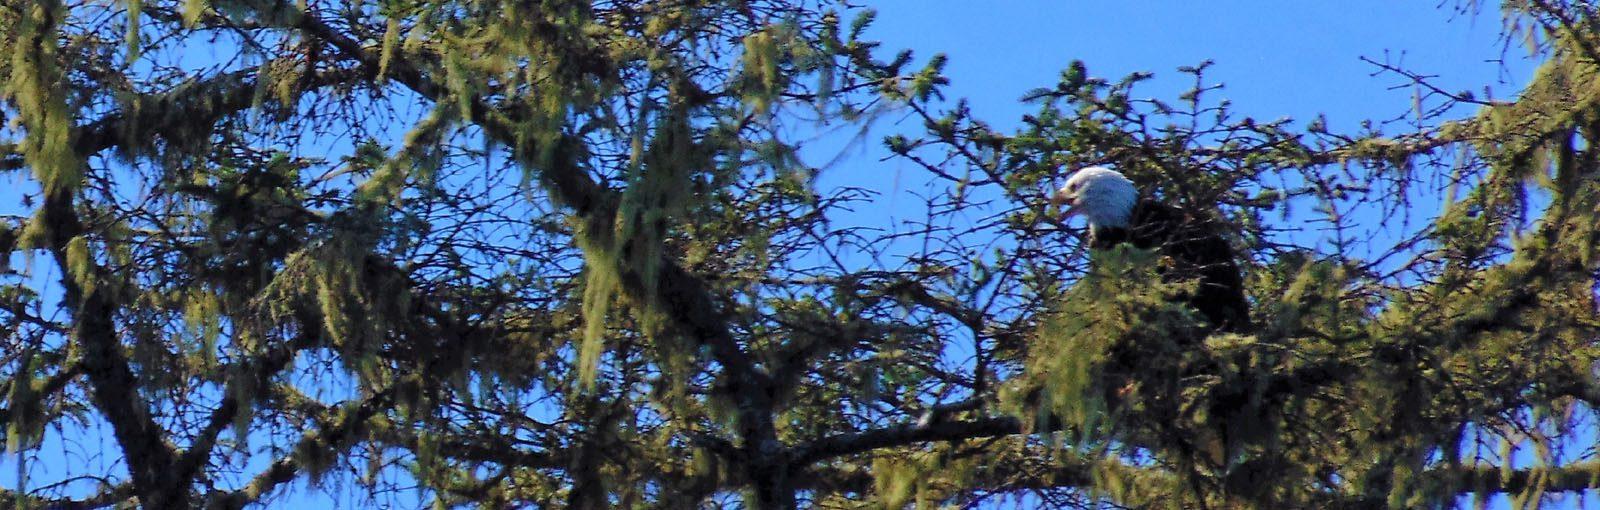 Bald Eagle in tree - Tofino